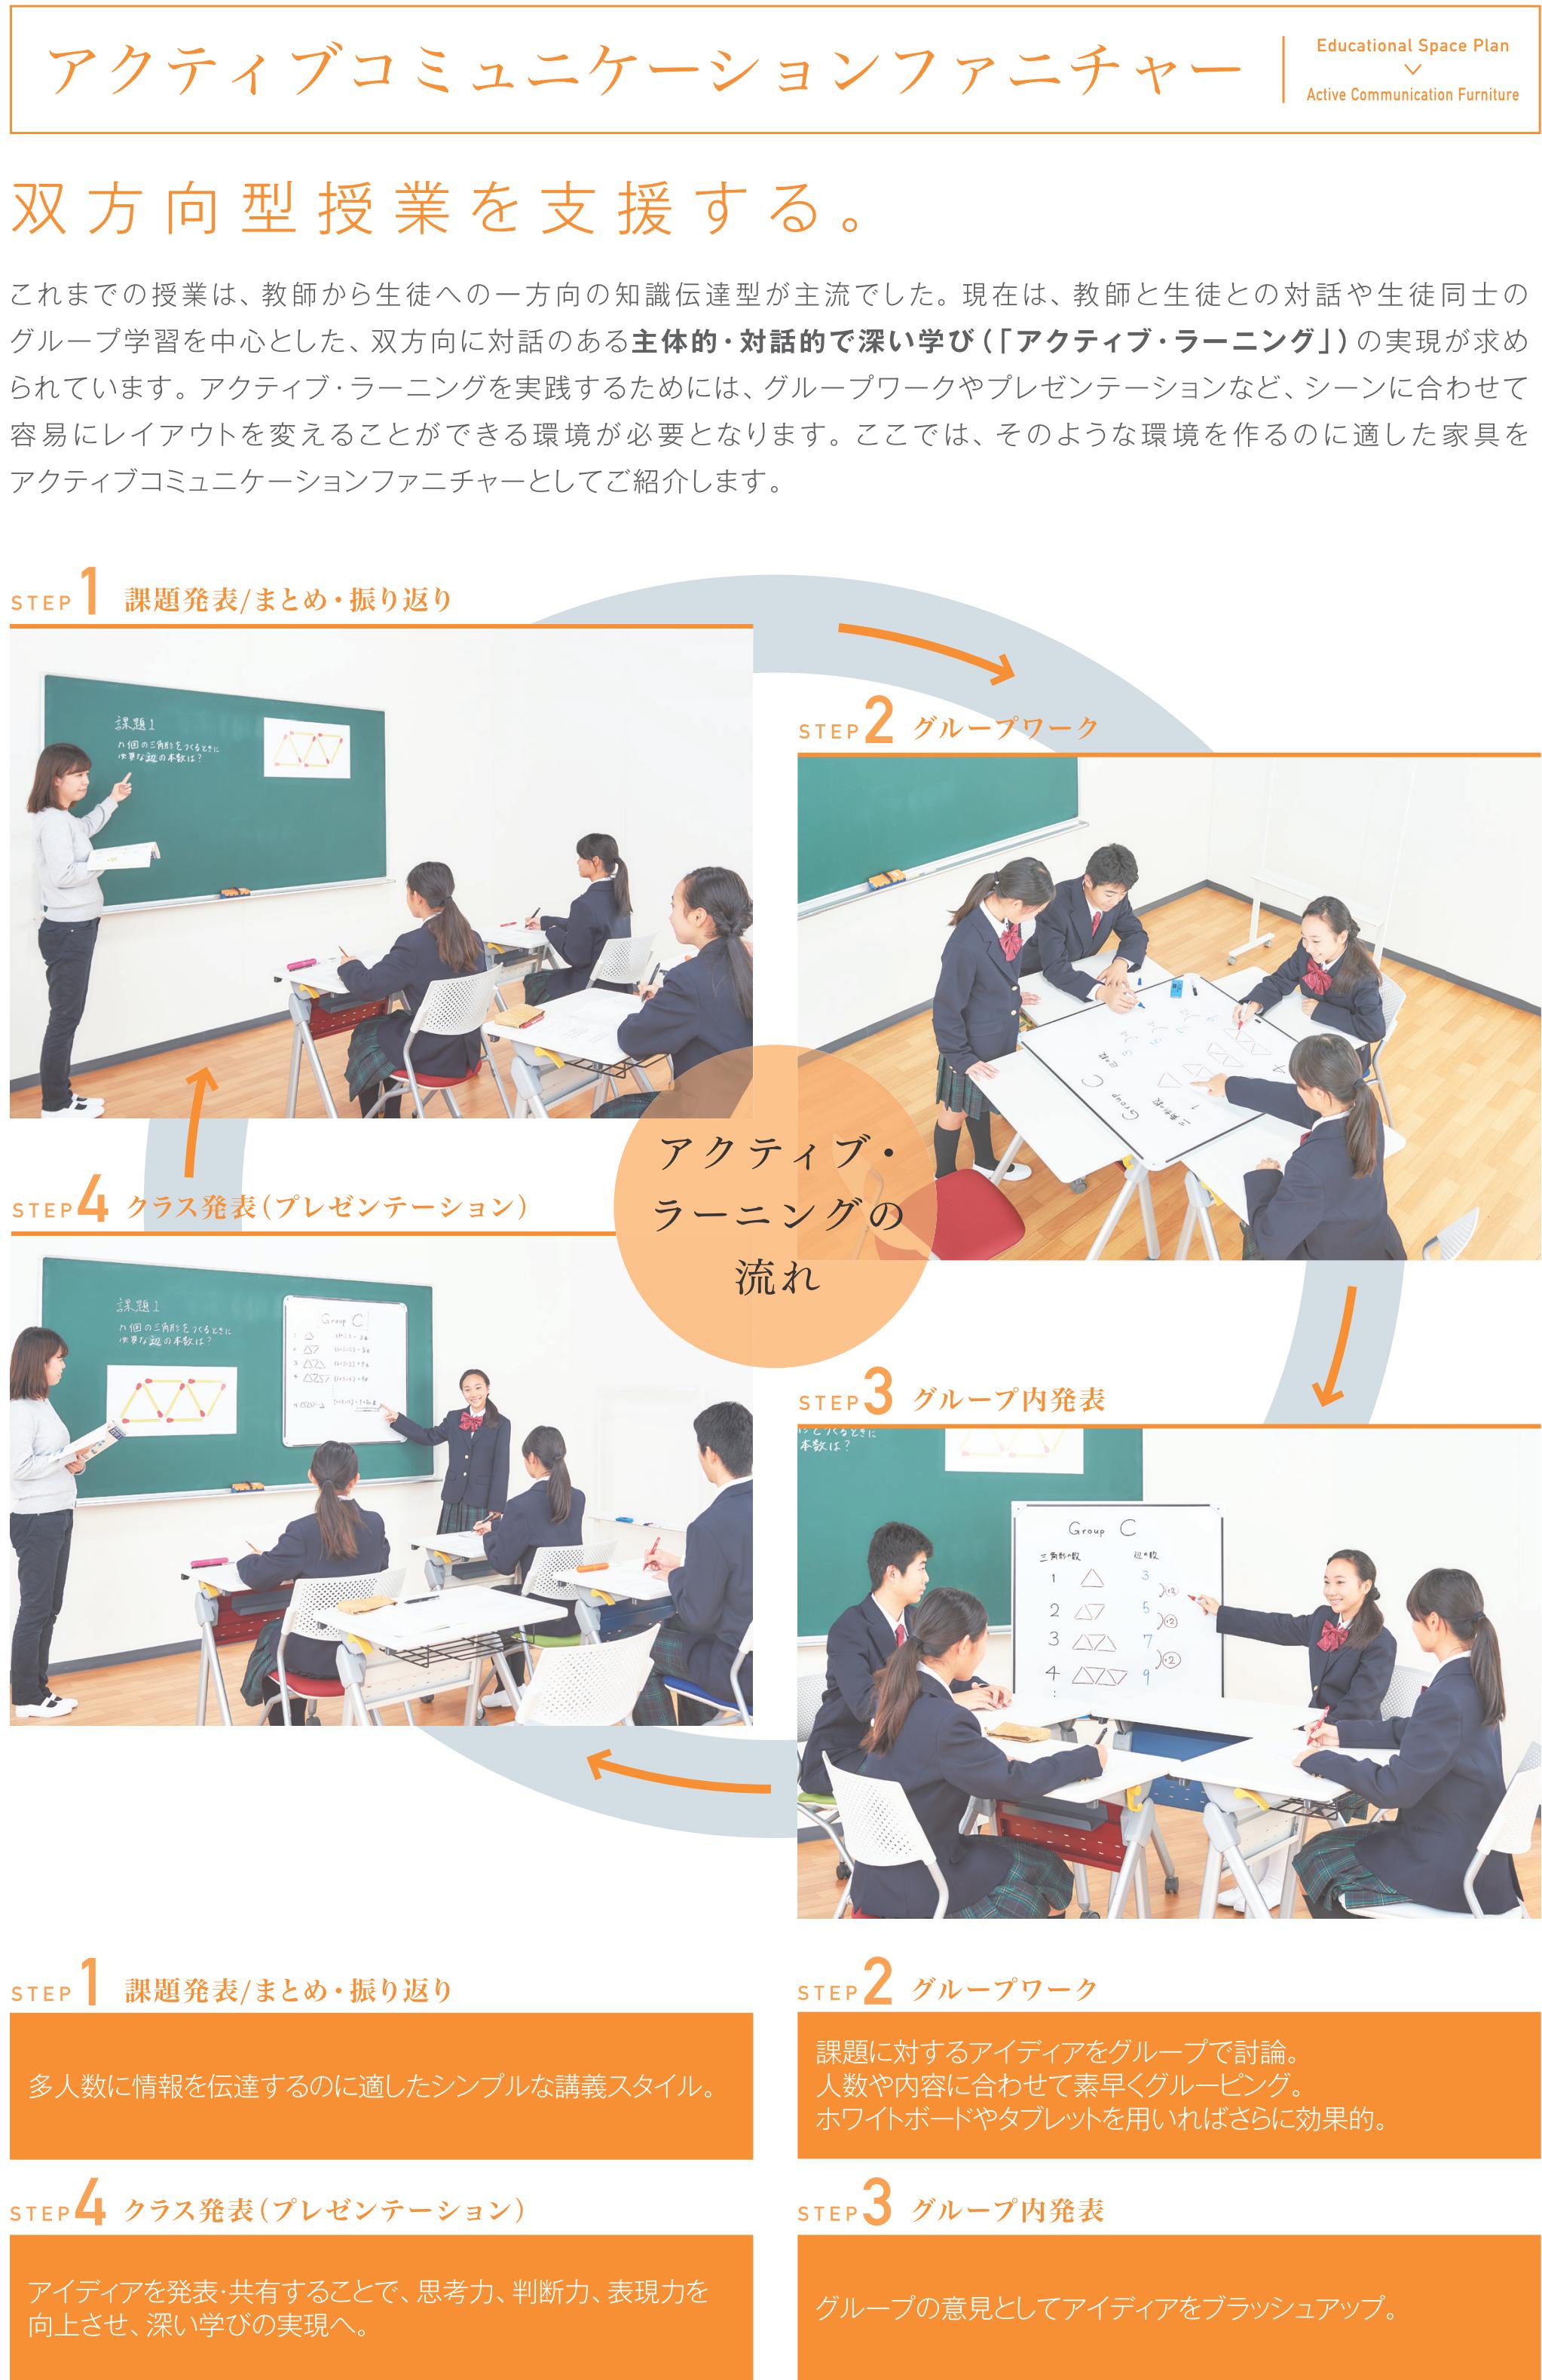 株式会社内田洋行 『施設・設備機器カタログ vo.25』より抜粋